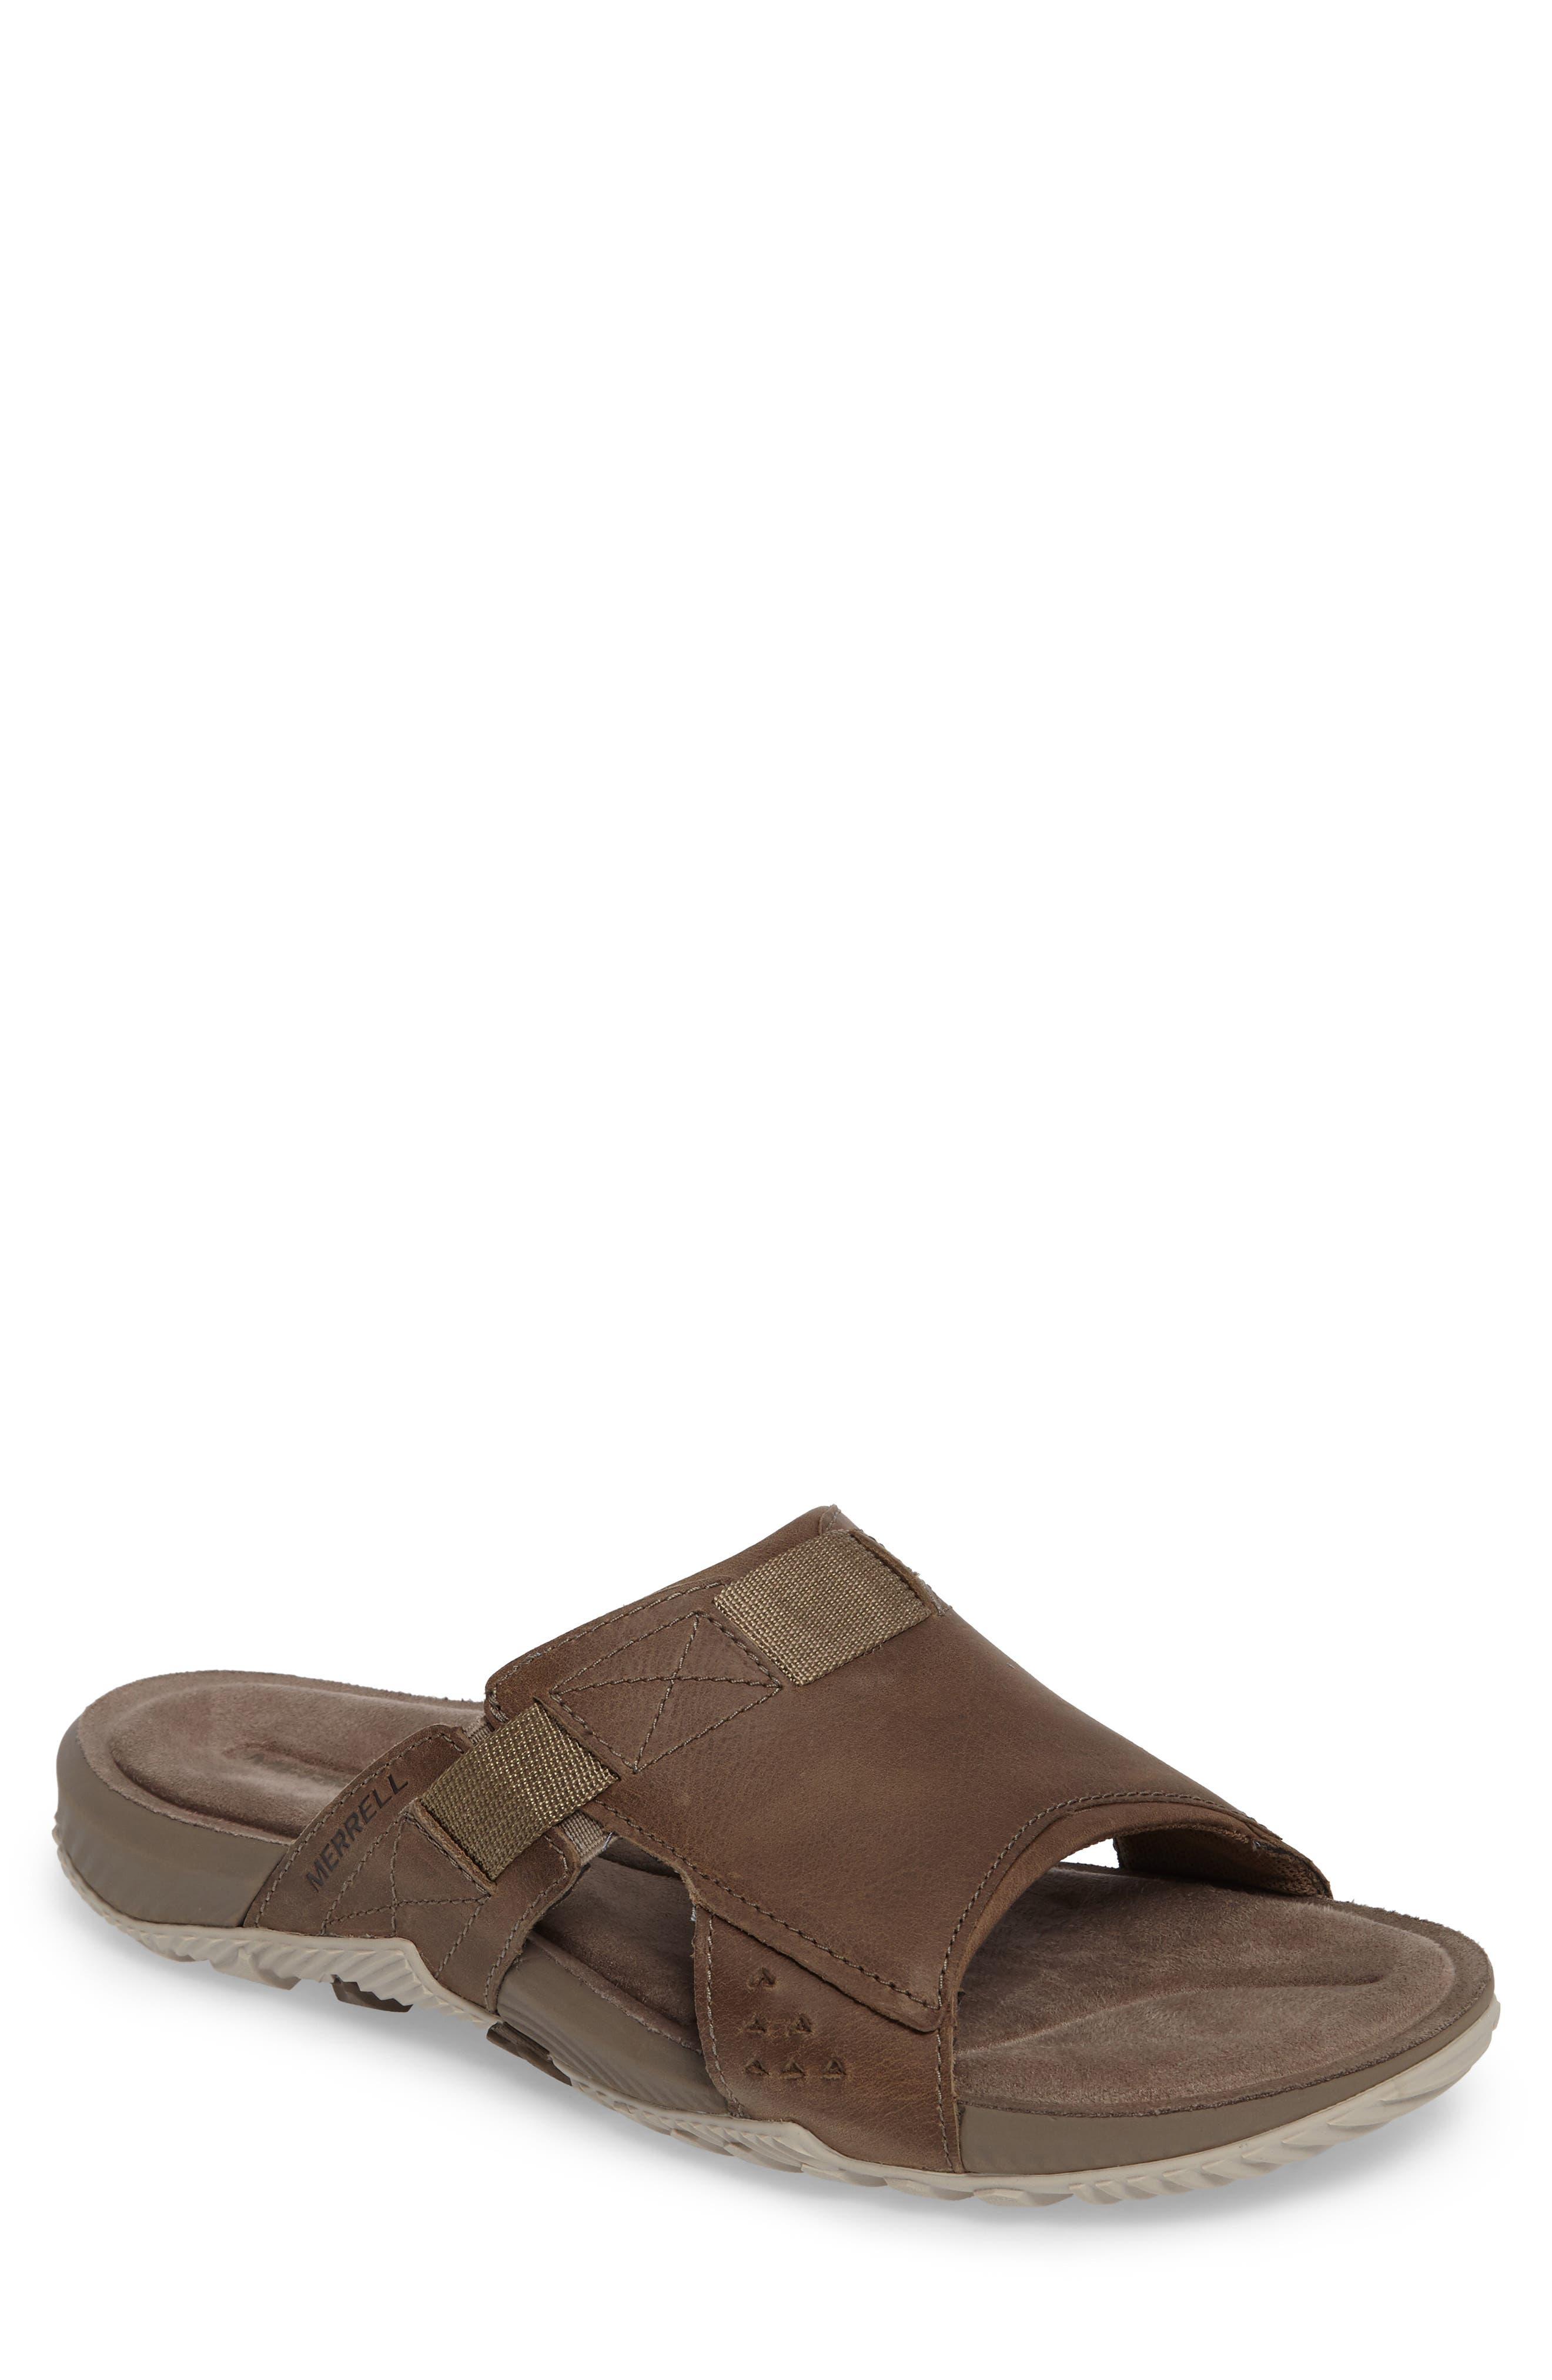 Main Image - Merrell Terrant Slide Sandal (Men)